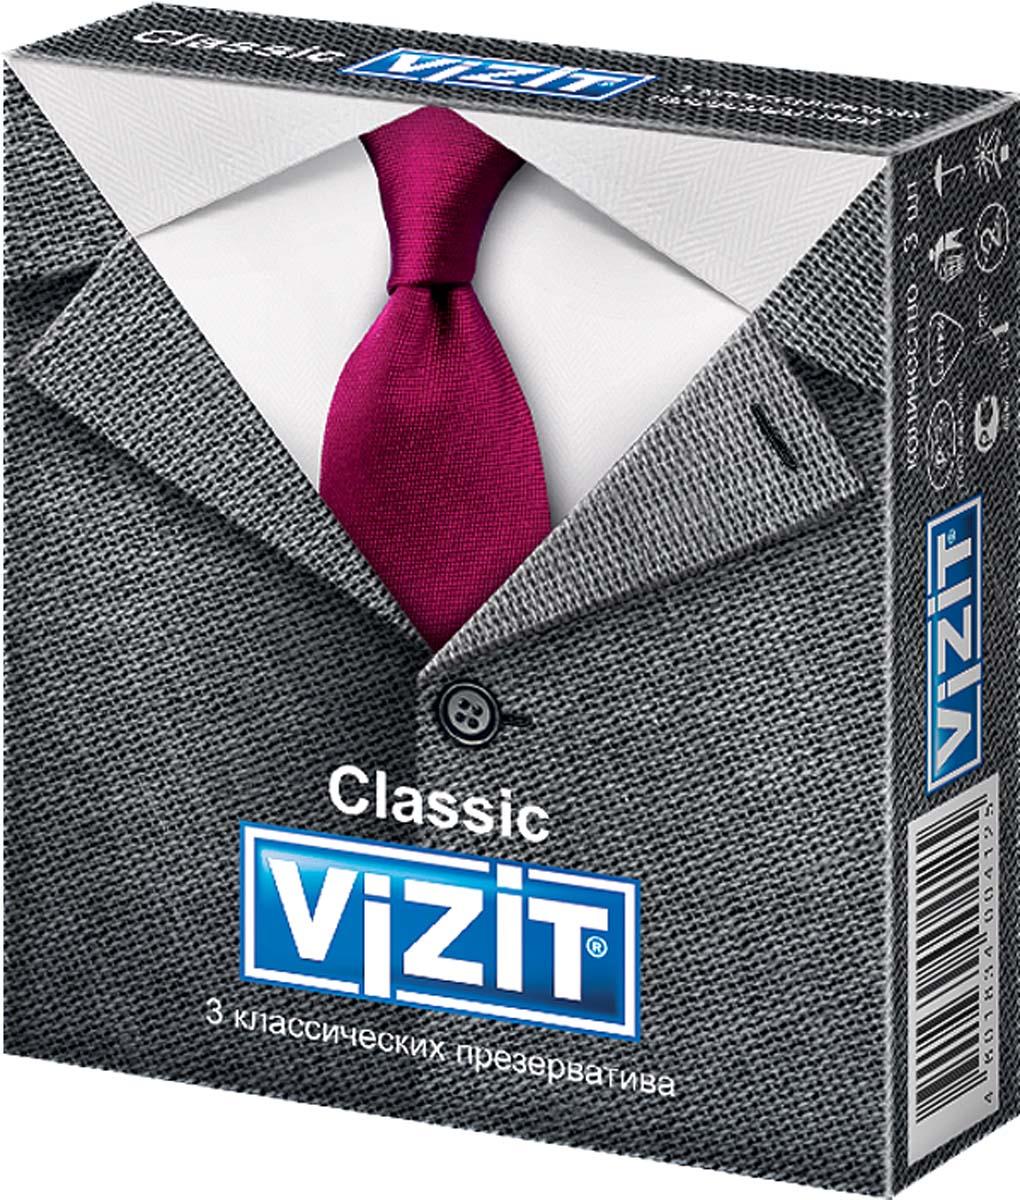 VIZIT Презервативы Classic, классические, 3 шт купить вагинальные шарики длина 20 26 см